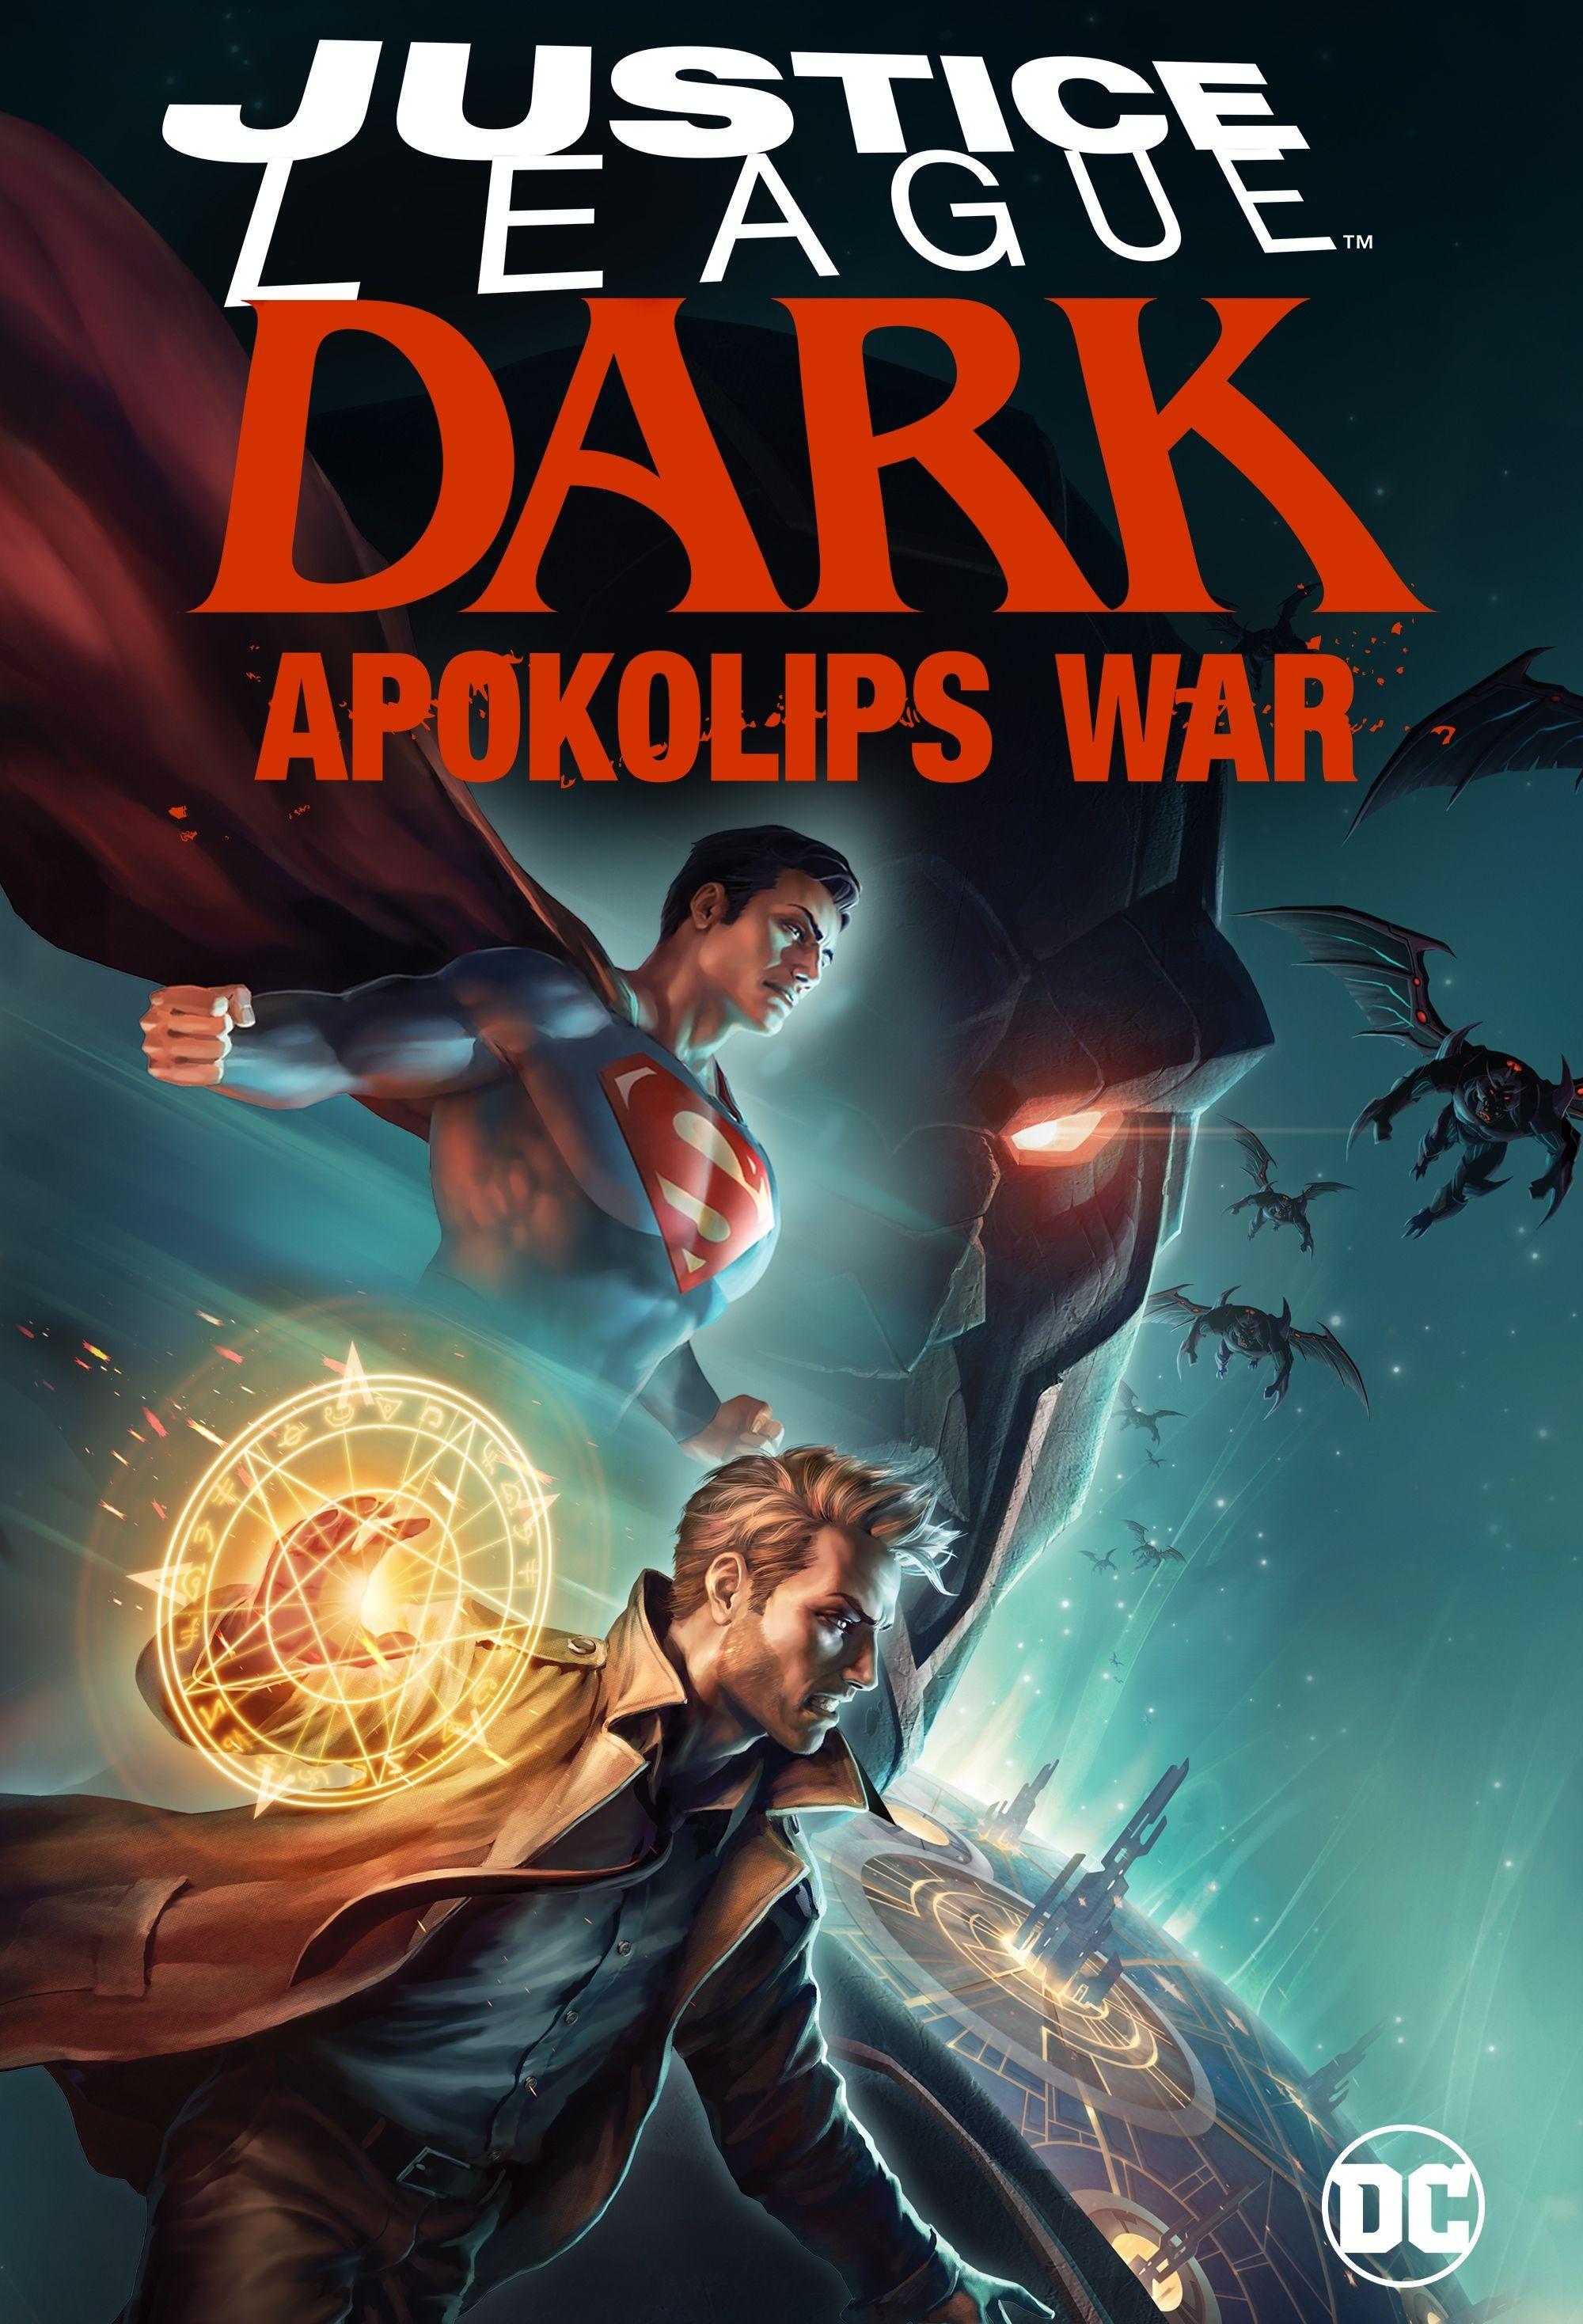 Justice League Dark Apokolips War 2020 Justice League Dark Movie Justice League Dark Justice League Animated